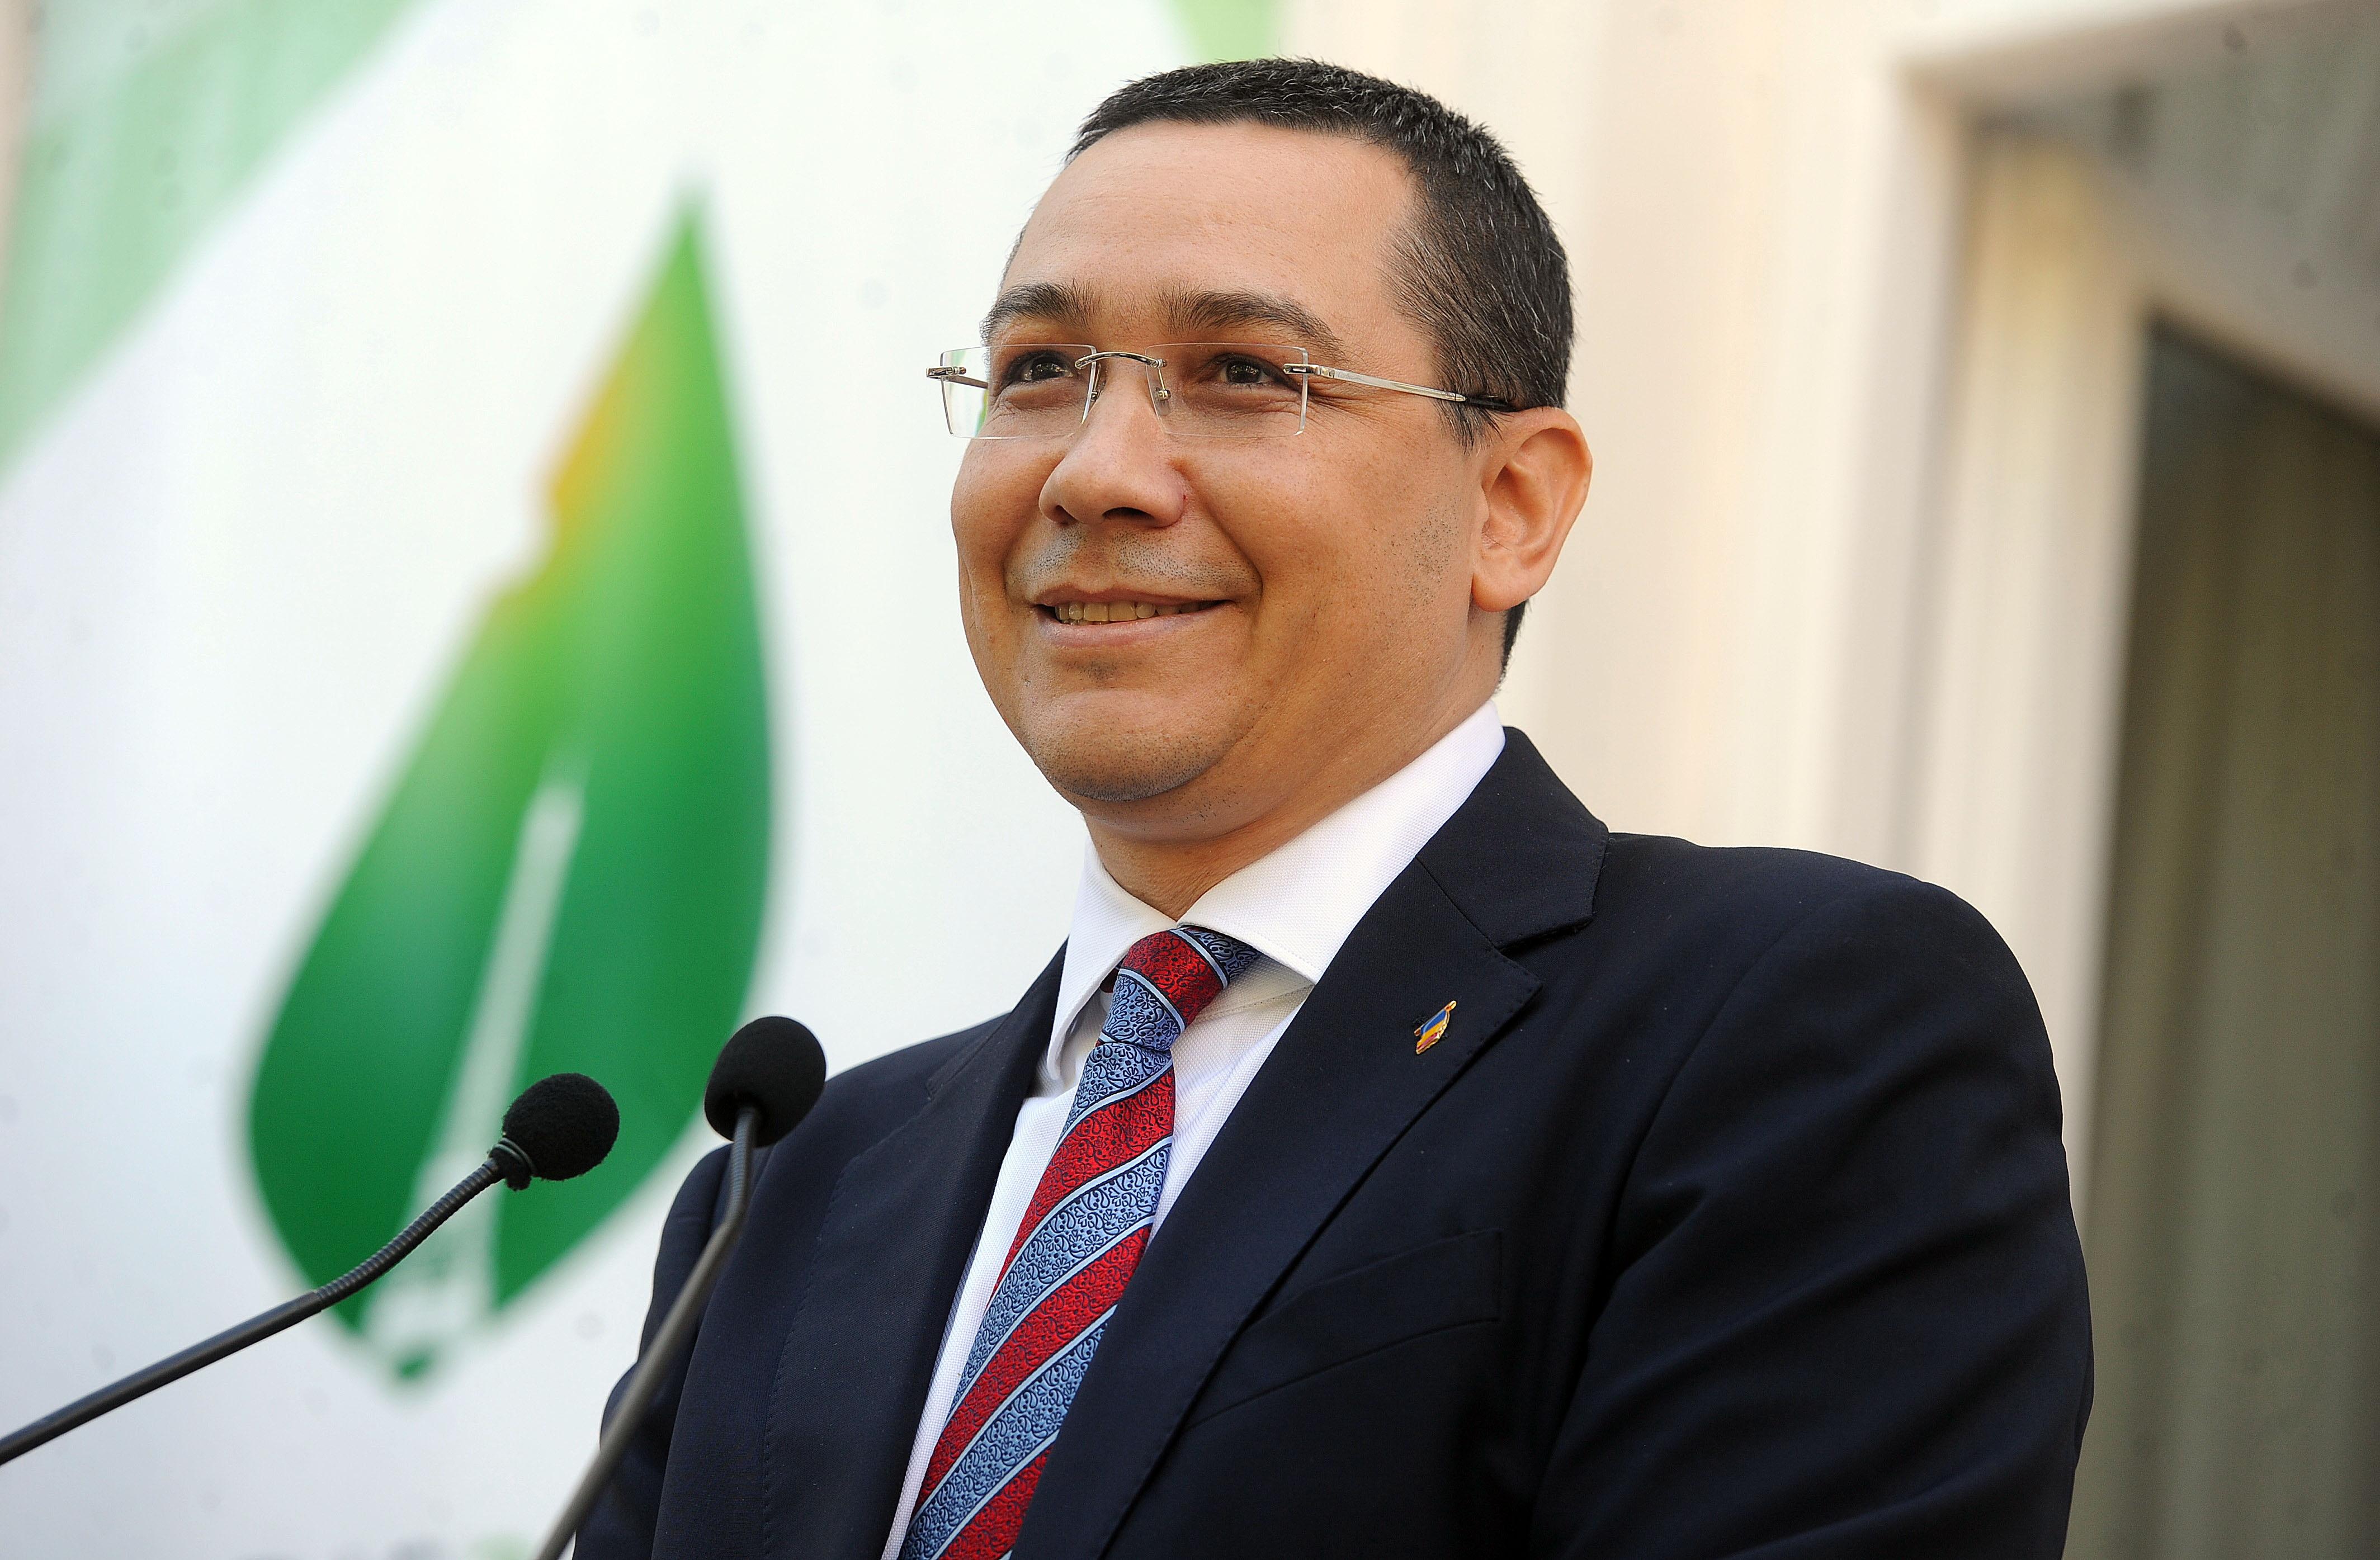 Cand va fi finalizata Legea Salarizarii. Ponta: